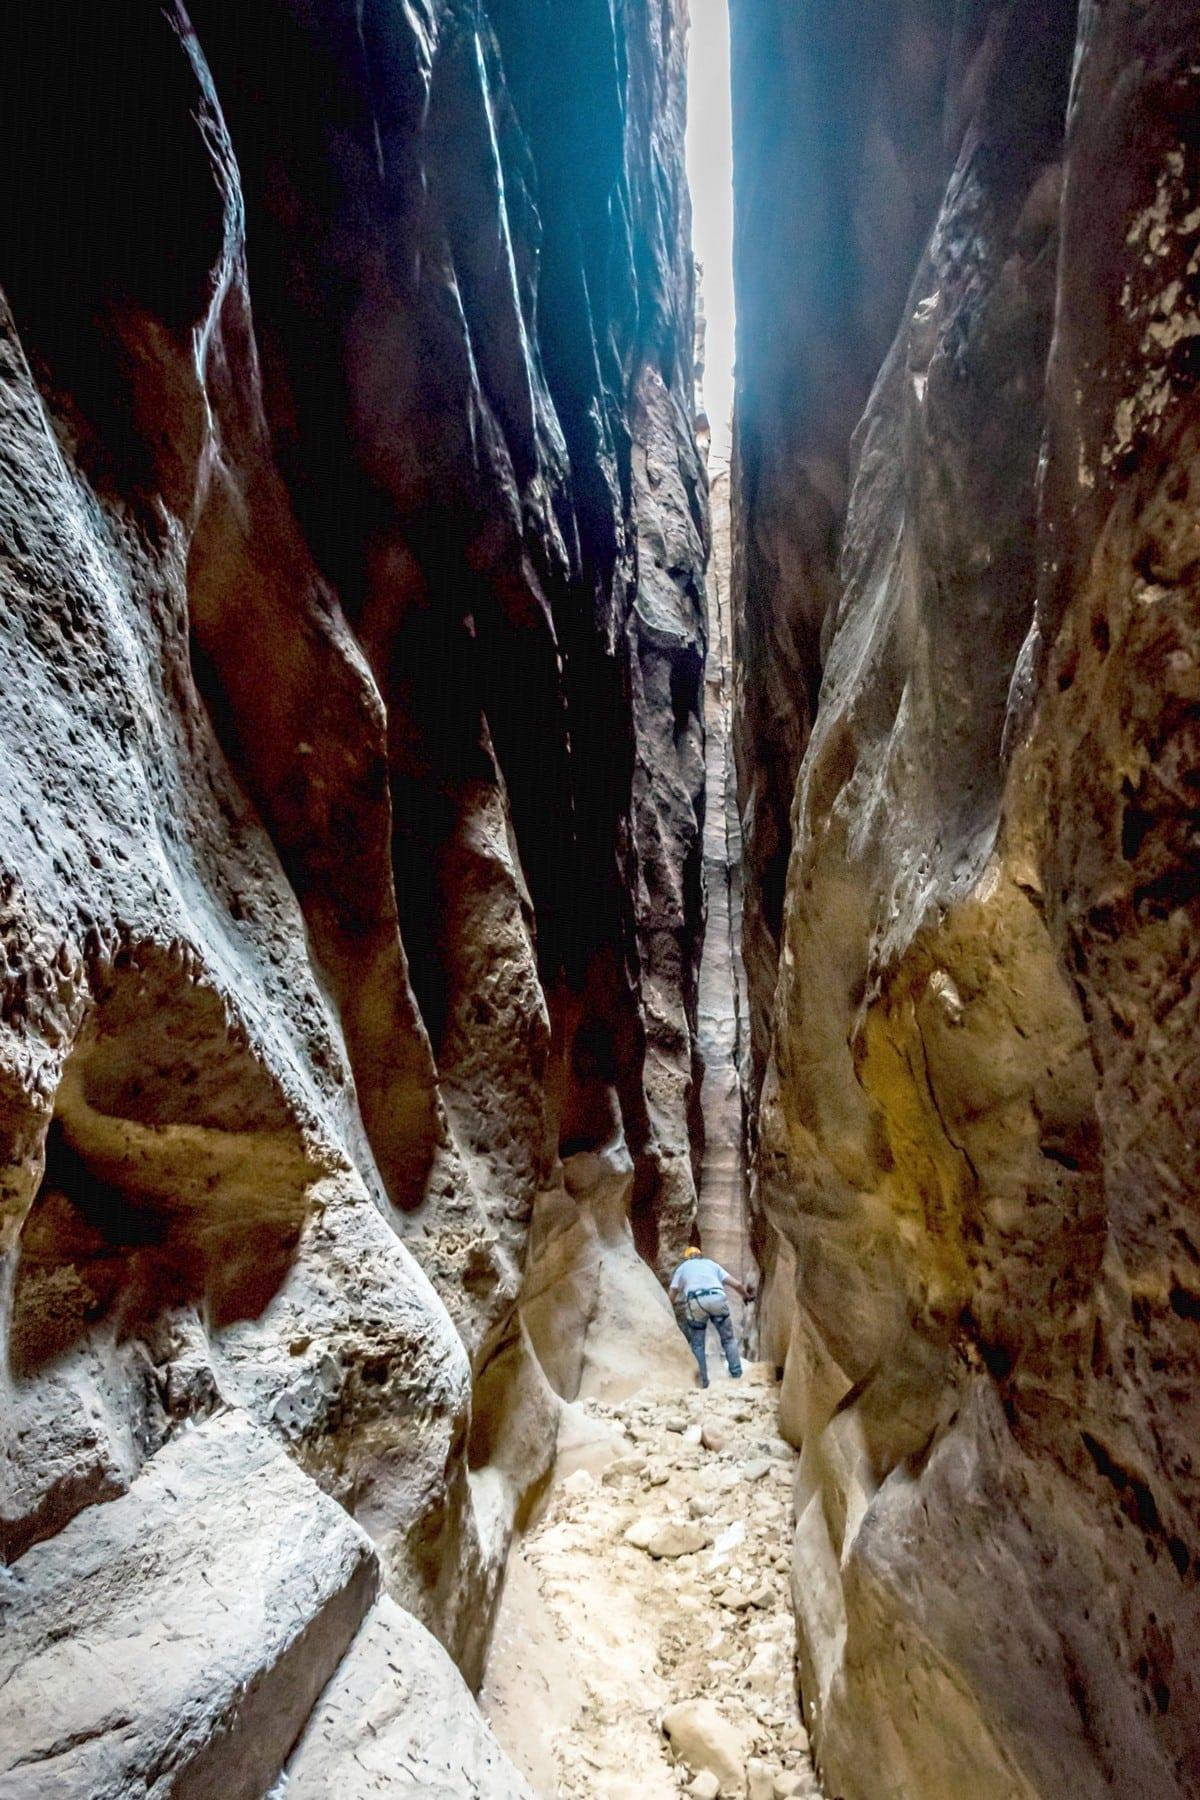 טיול סנפלינג ב- 3 קניונים מדהימים באזור ראג'ף - ירדן - ערוצים בטבע